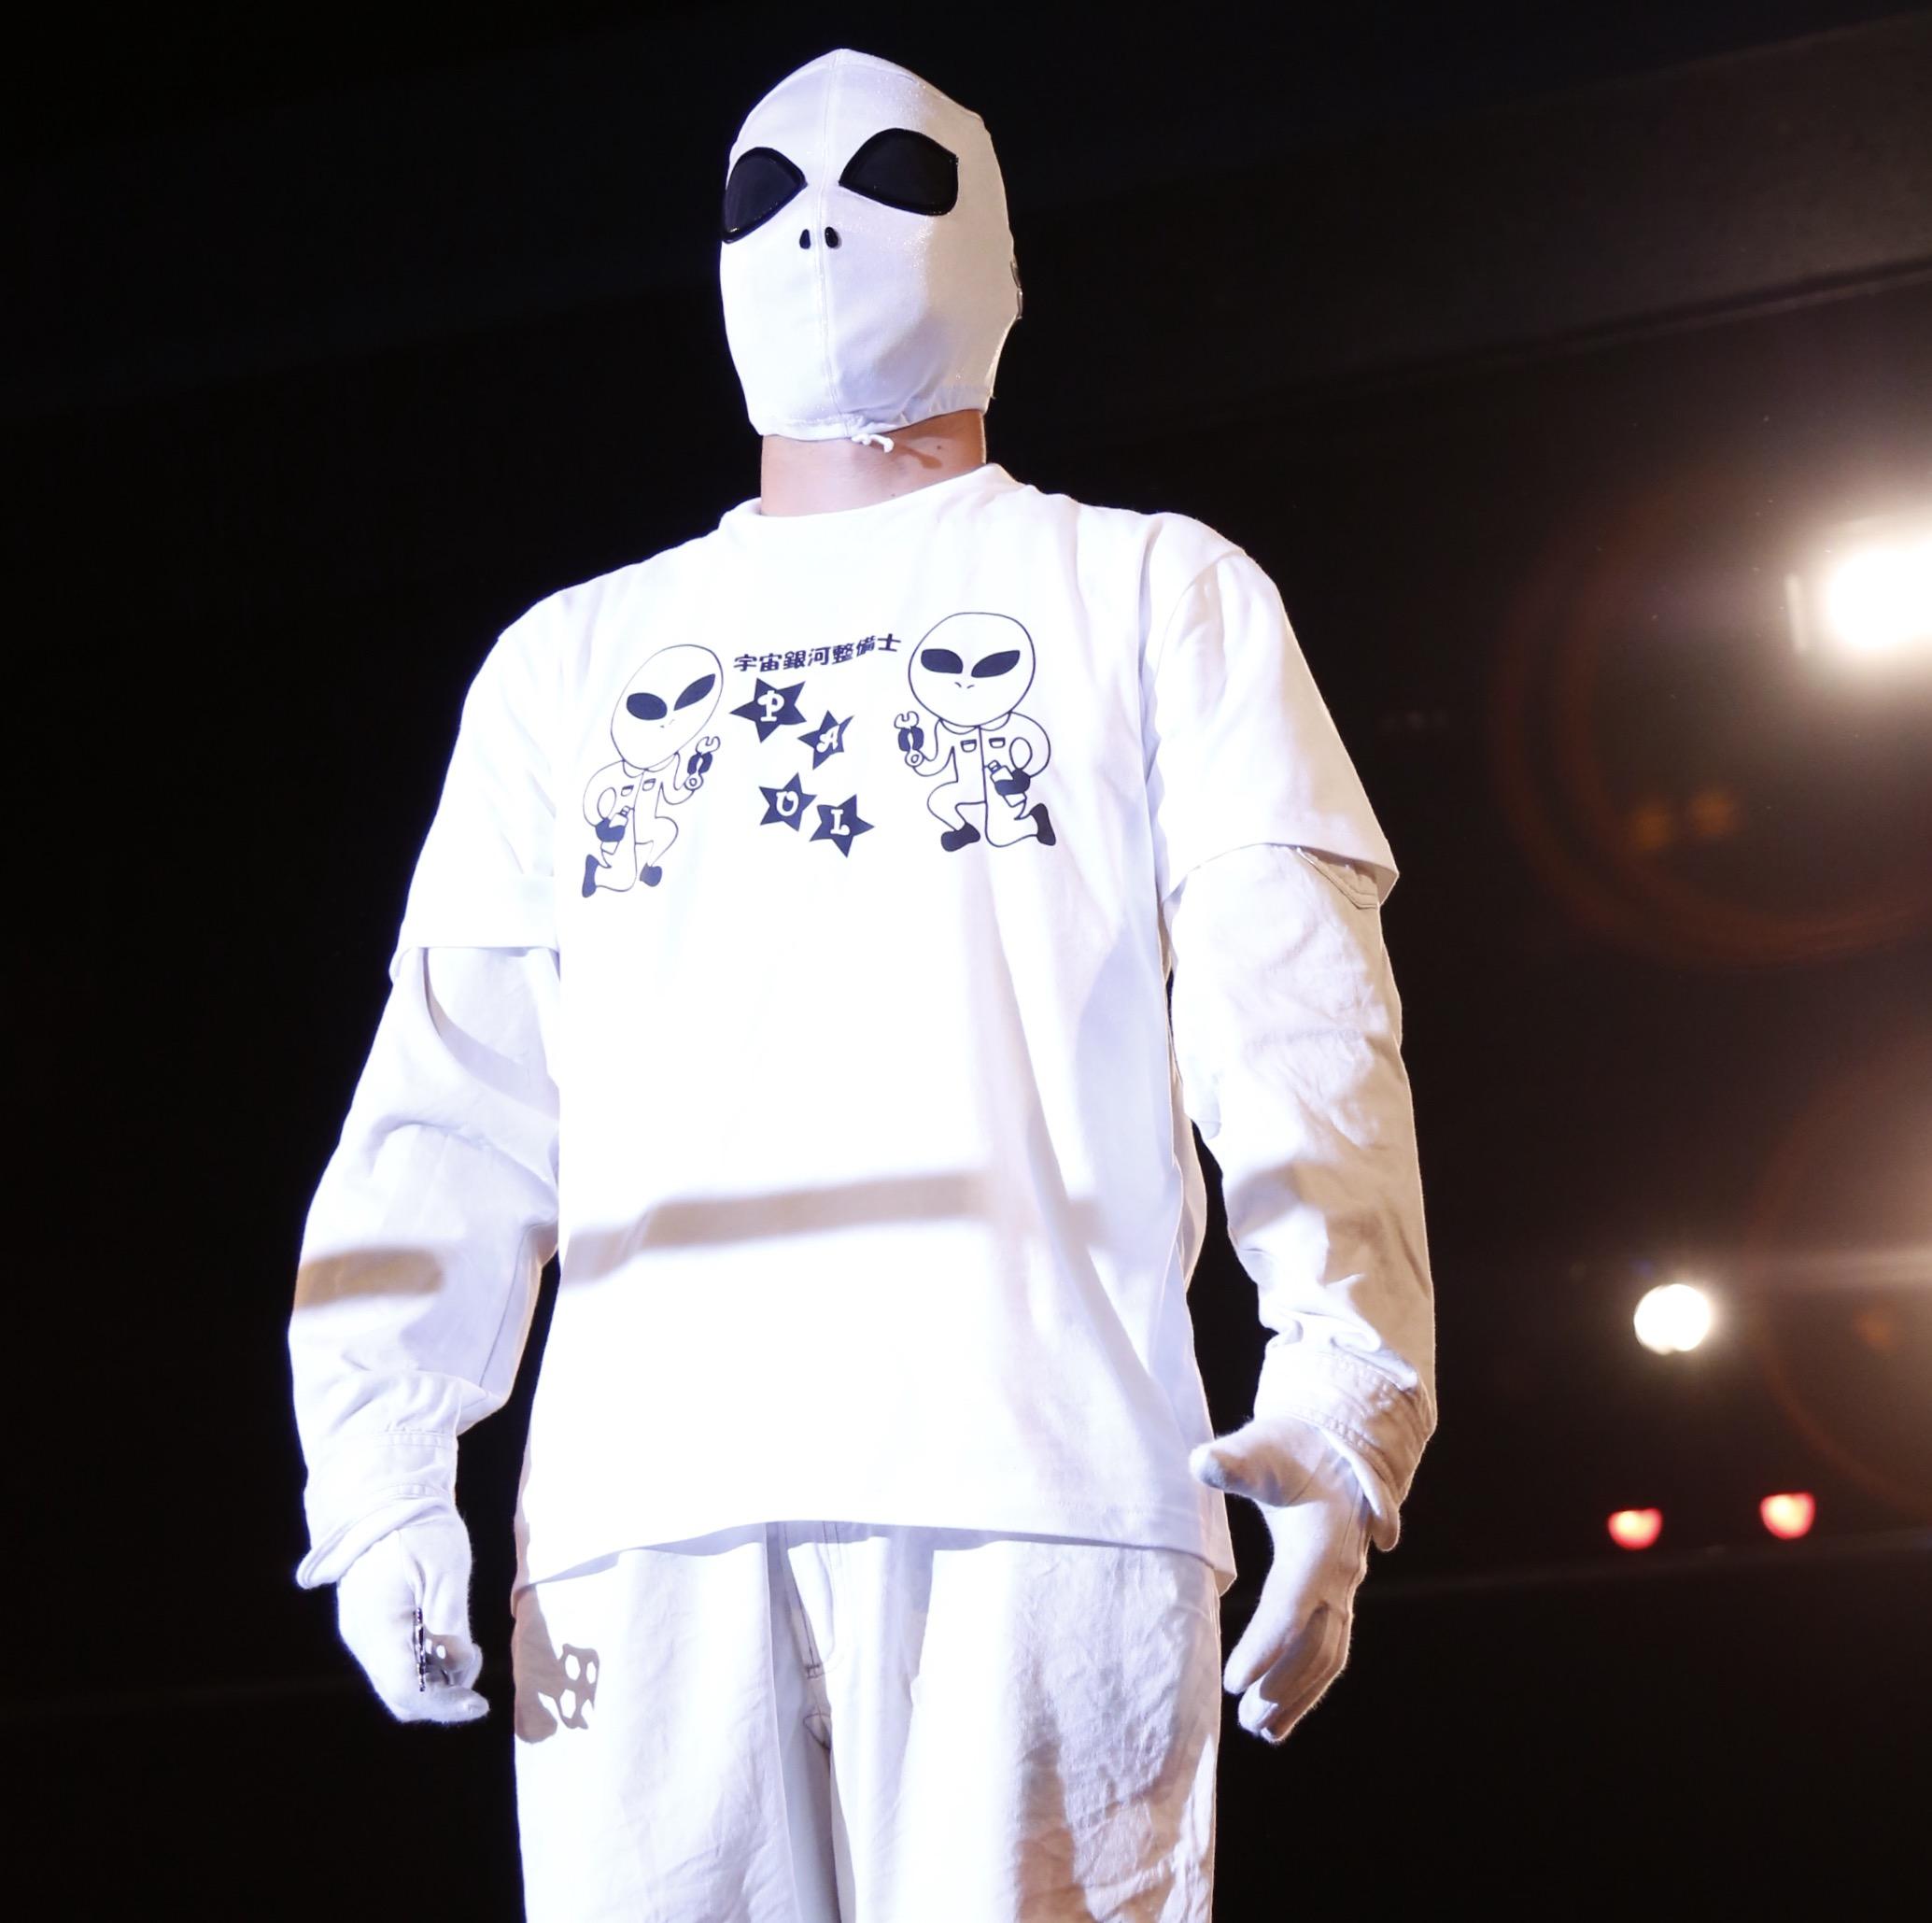 宇宙銀河整備士ポールのTシャツが新発売!!